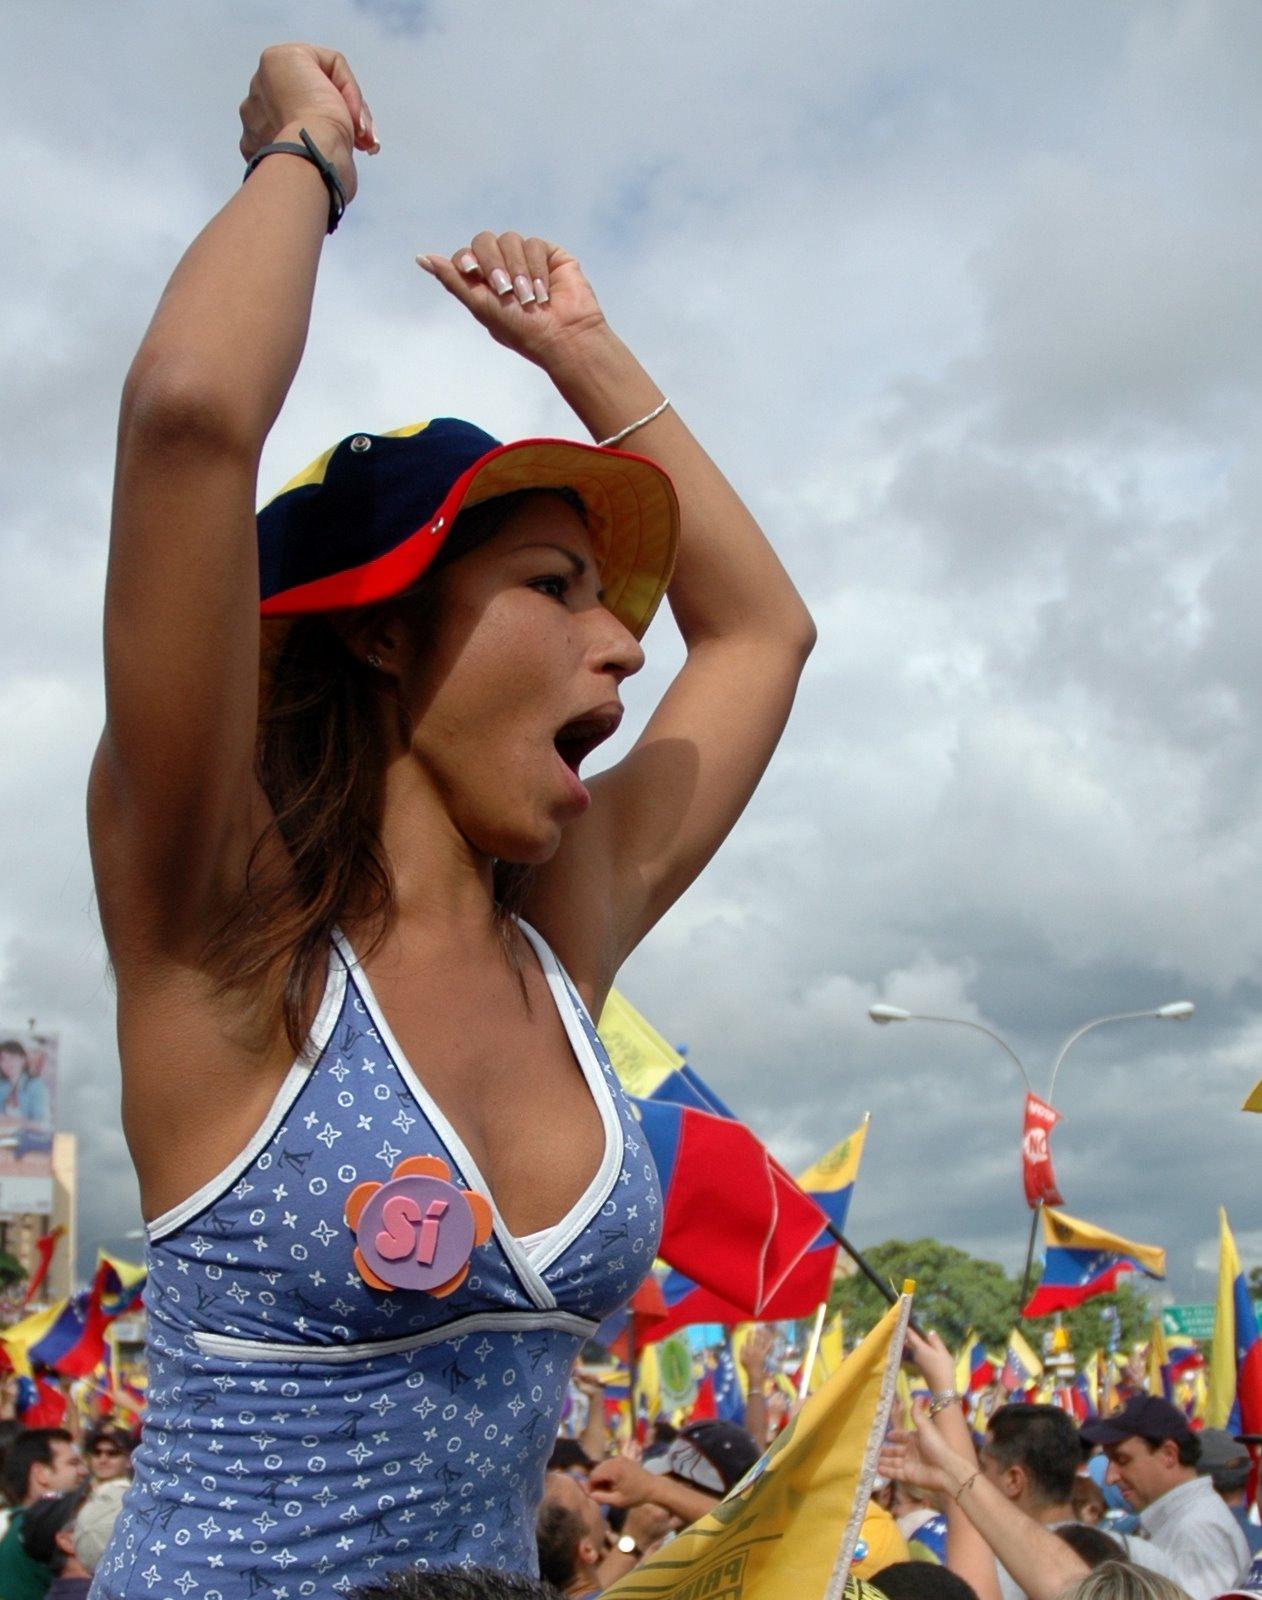 venezuela-woman